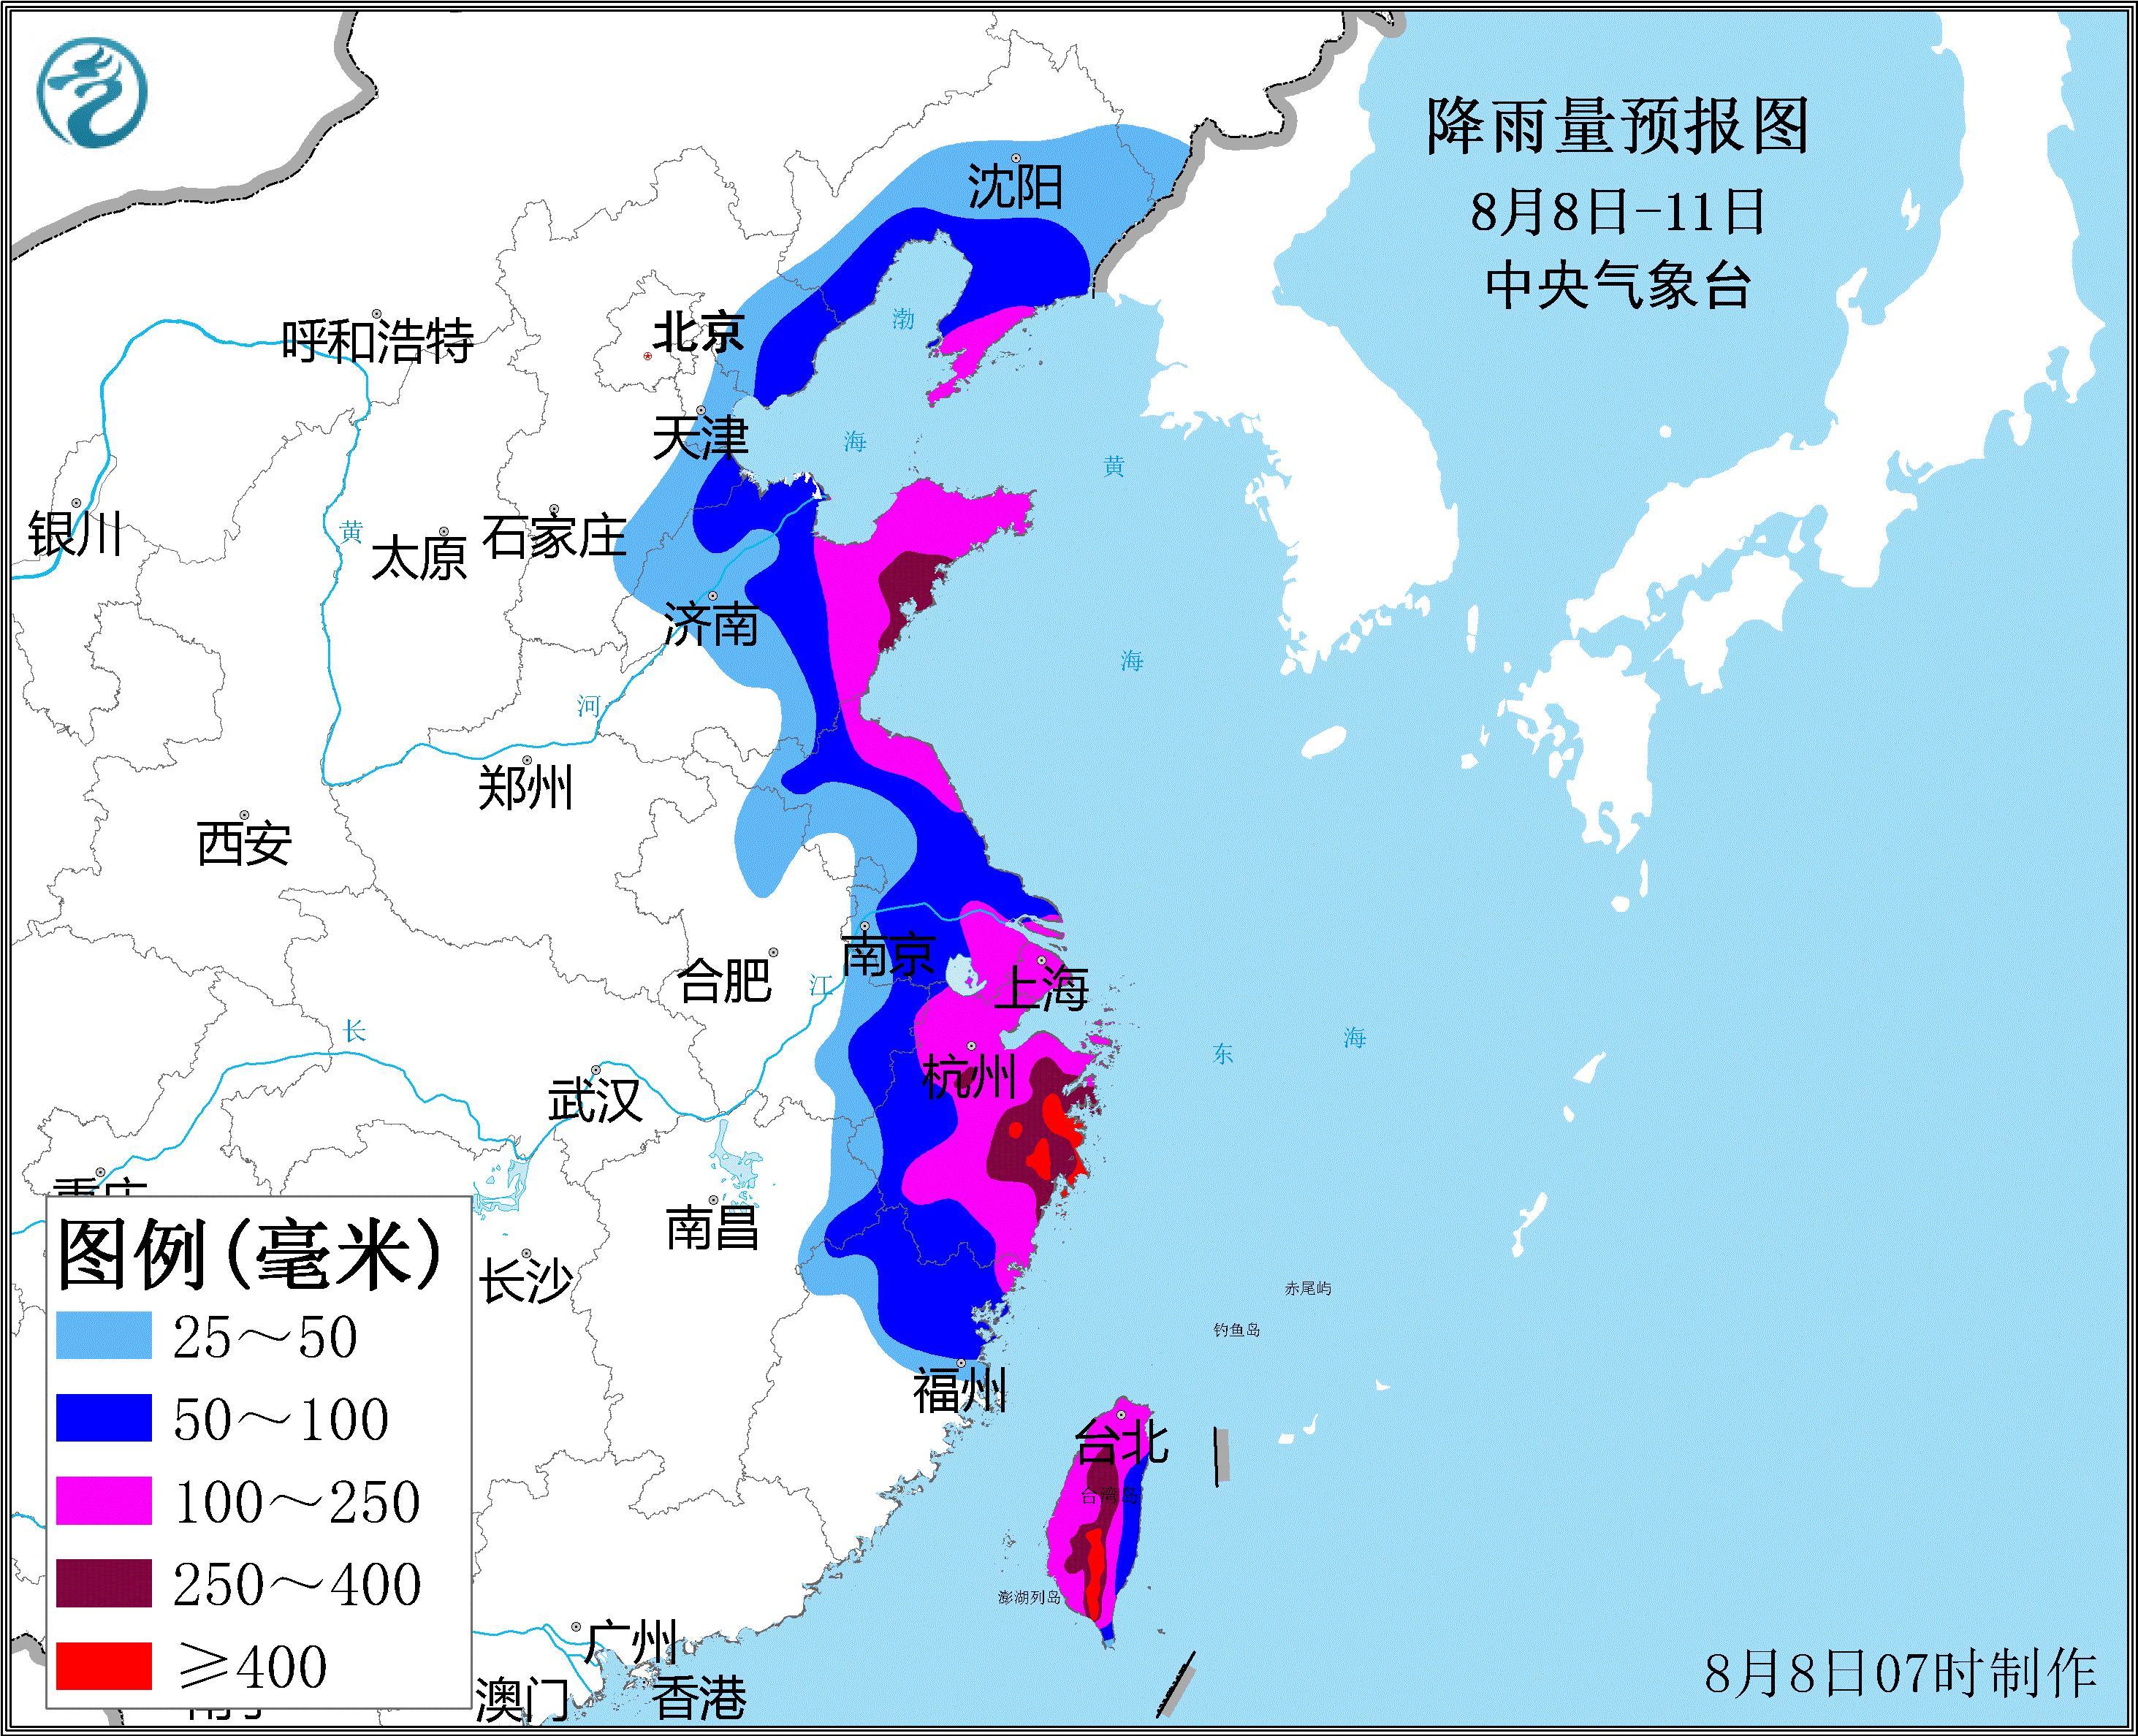 台风利奇马或后天登陆浙江 9号台风利奇马未来最新路径图 2019年台风最新消息